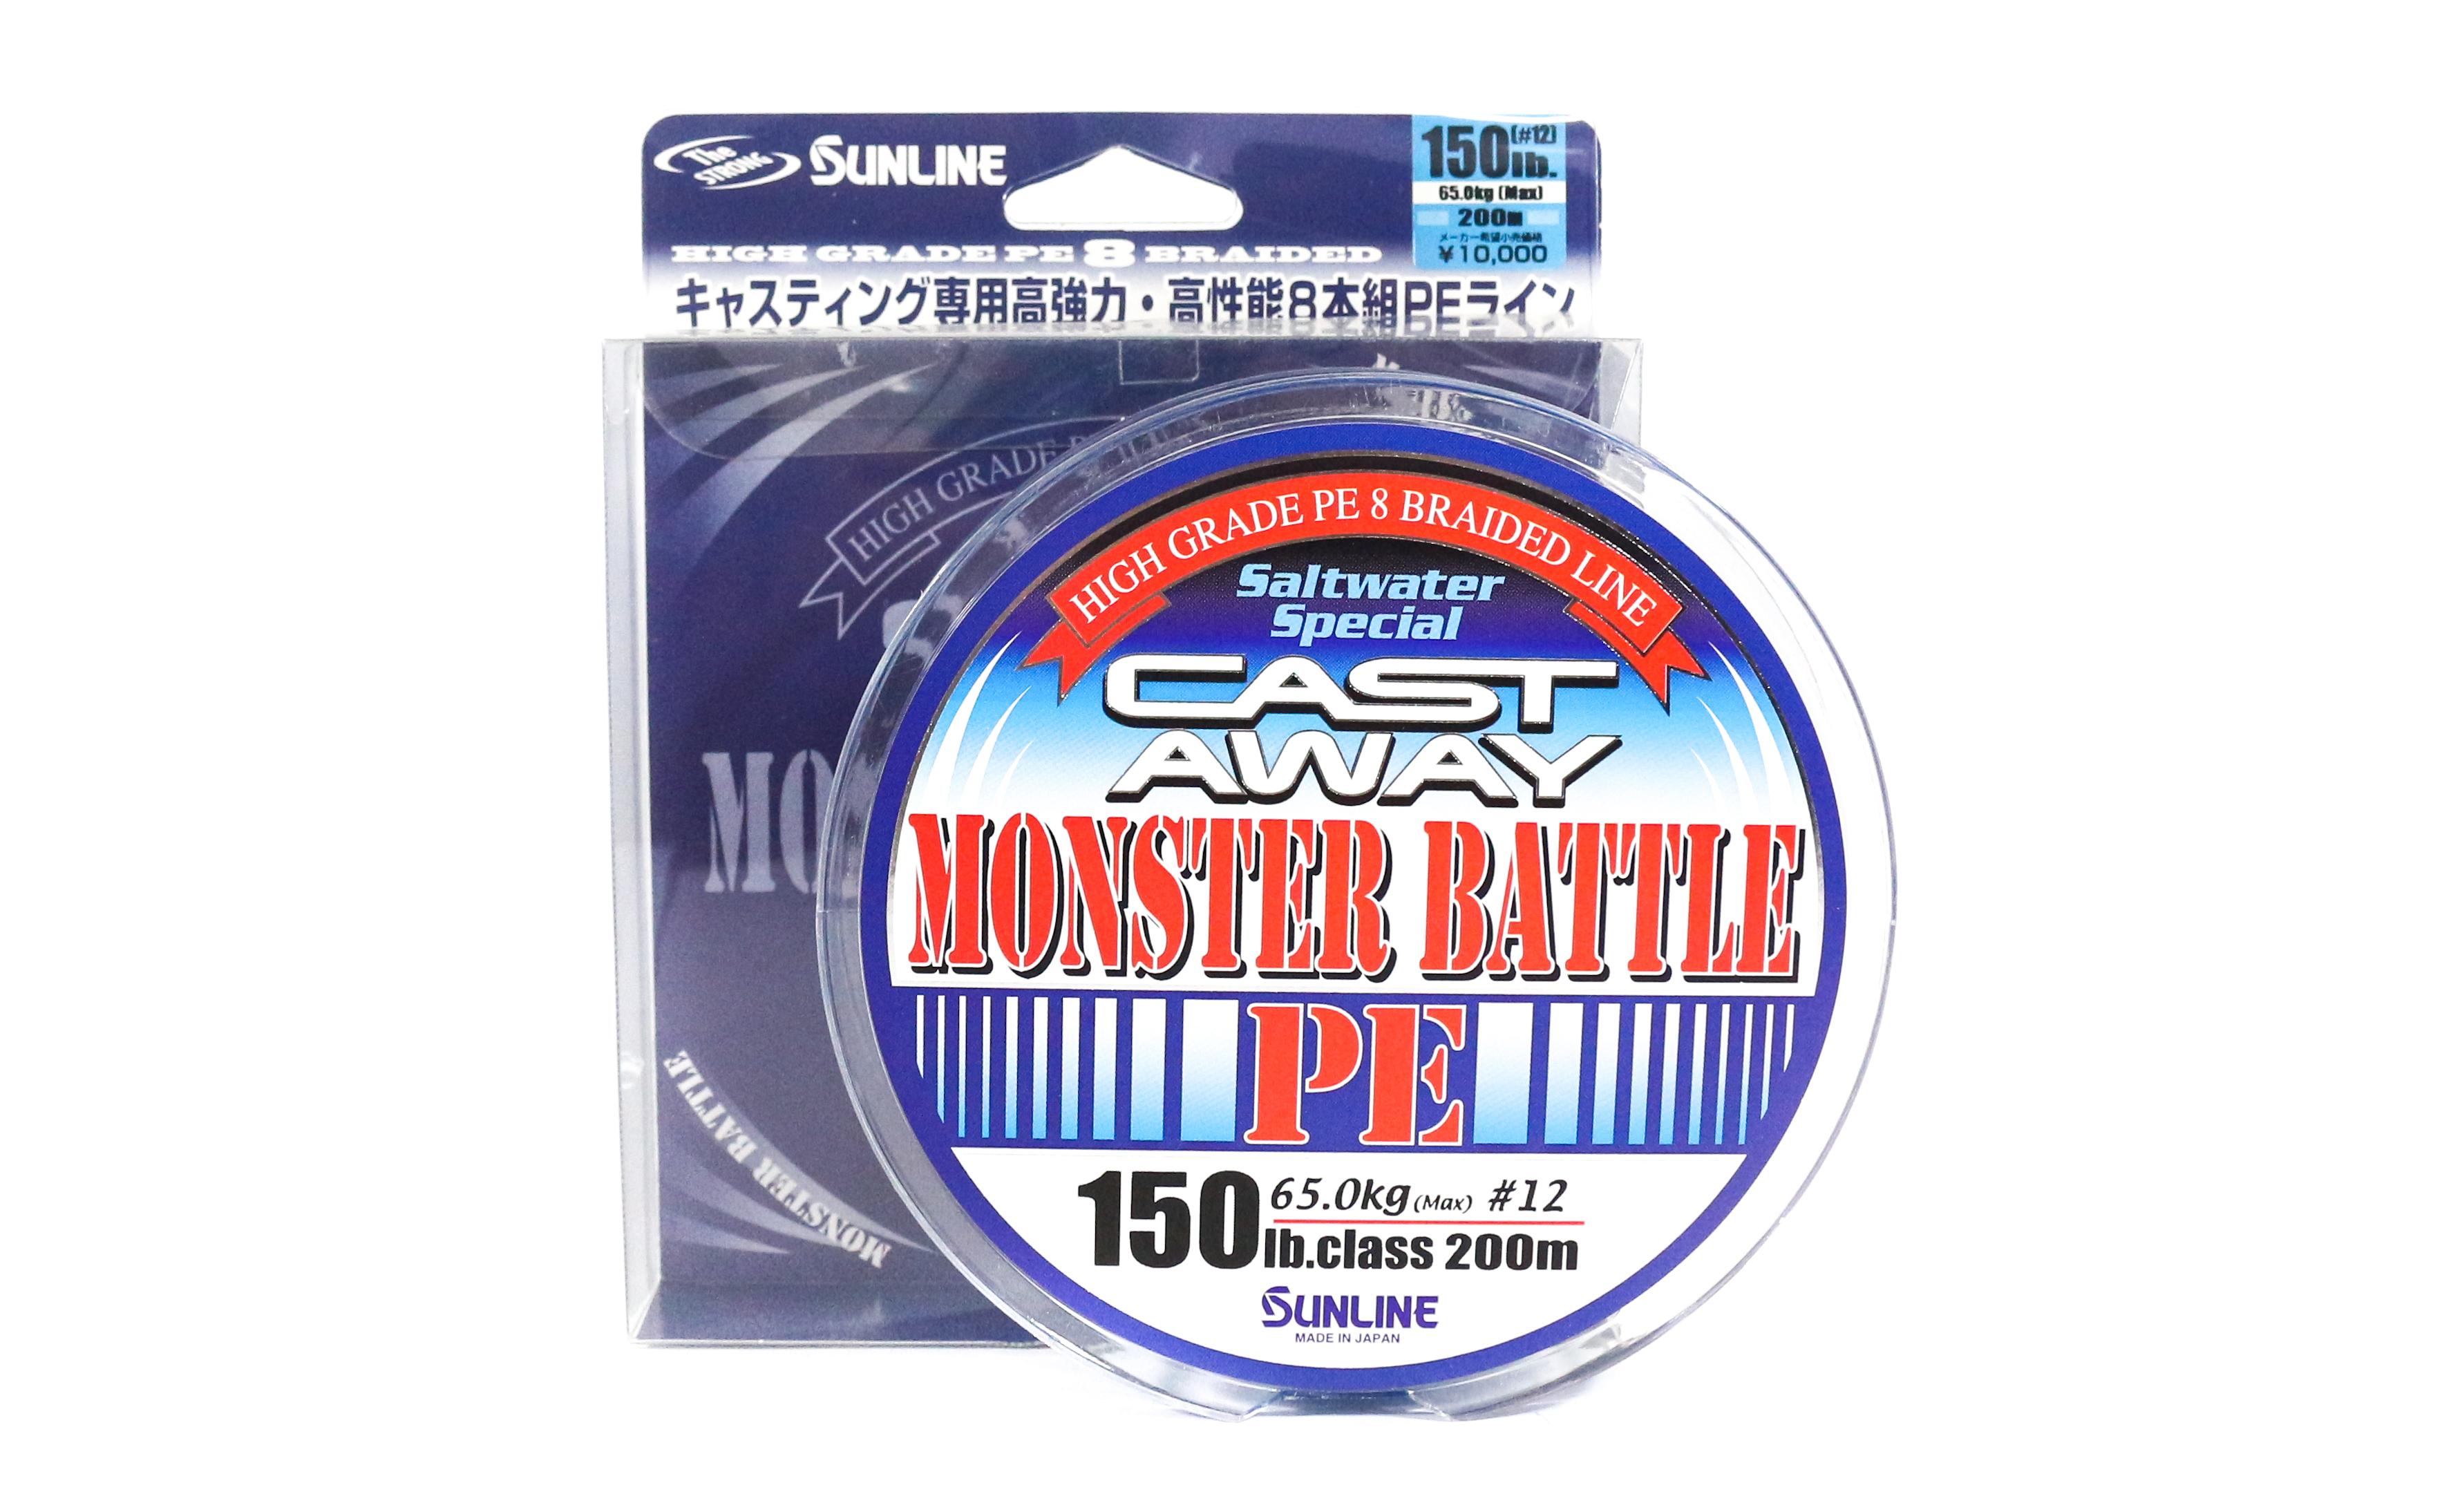 Sunline P.E Line X8 Monster Battle Cast Away 200m P.E 12 150lb (6116)